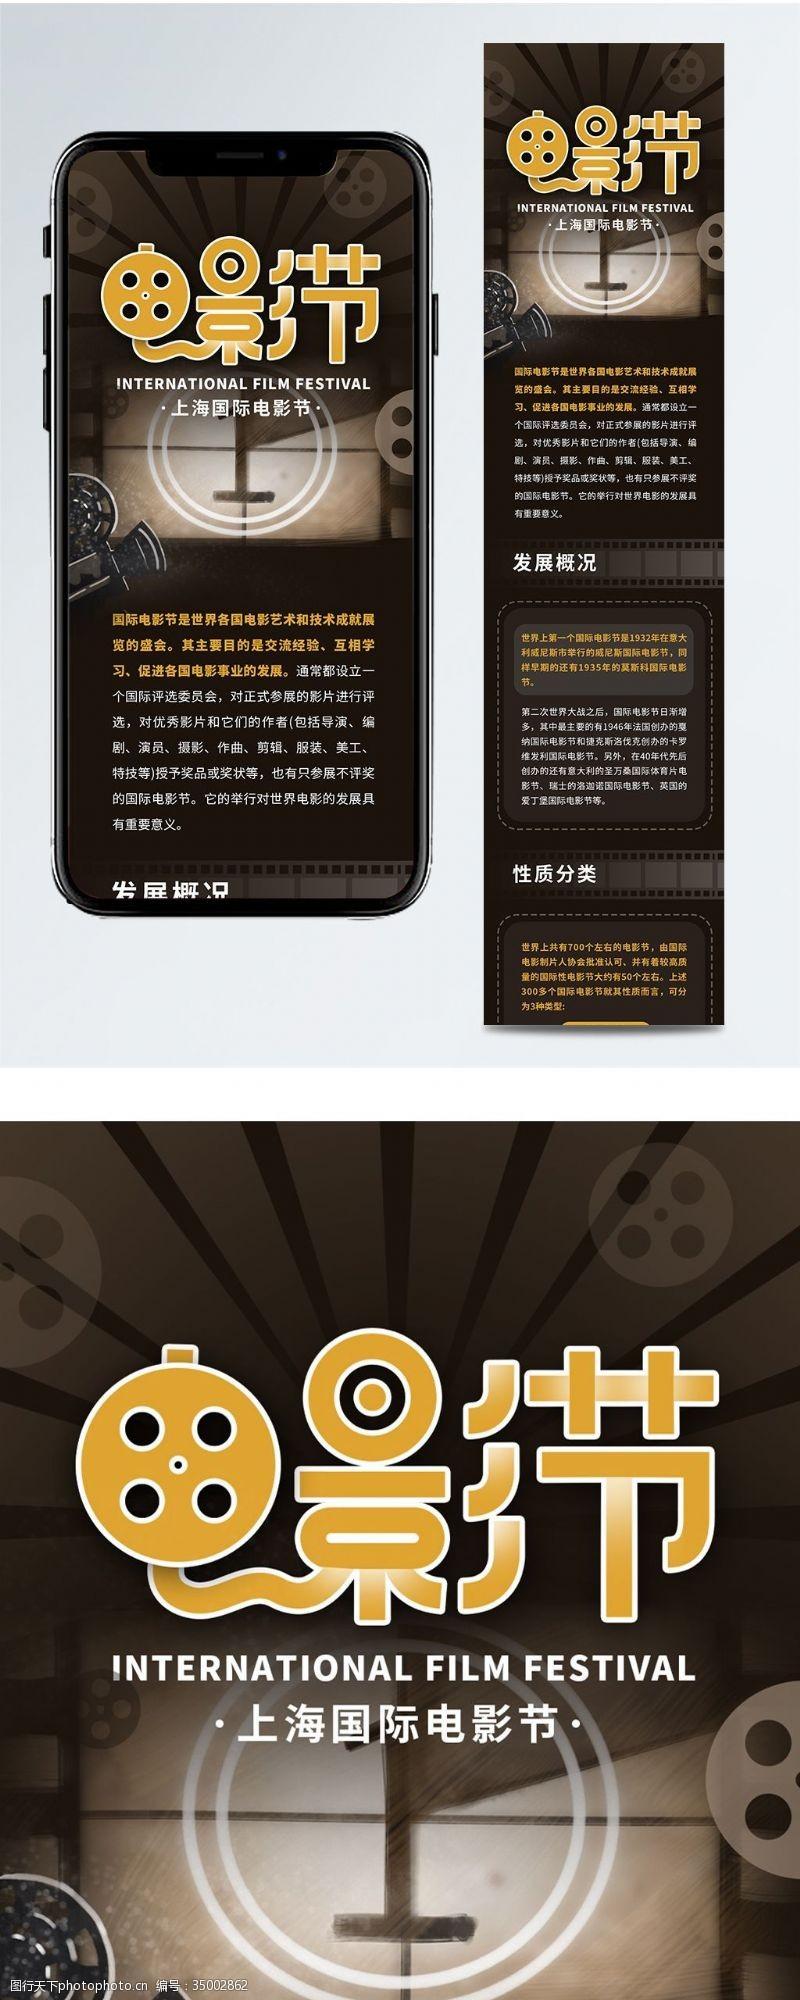 手机微信配图国际电影节影视播放信息长图